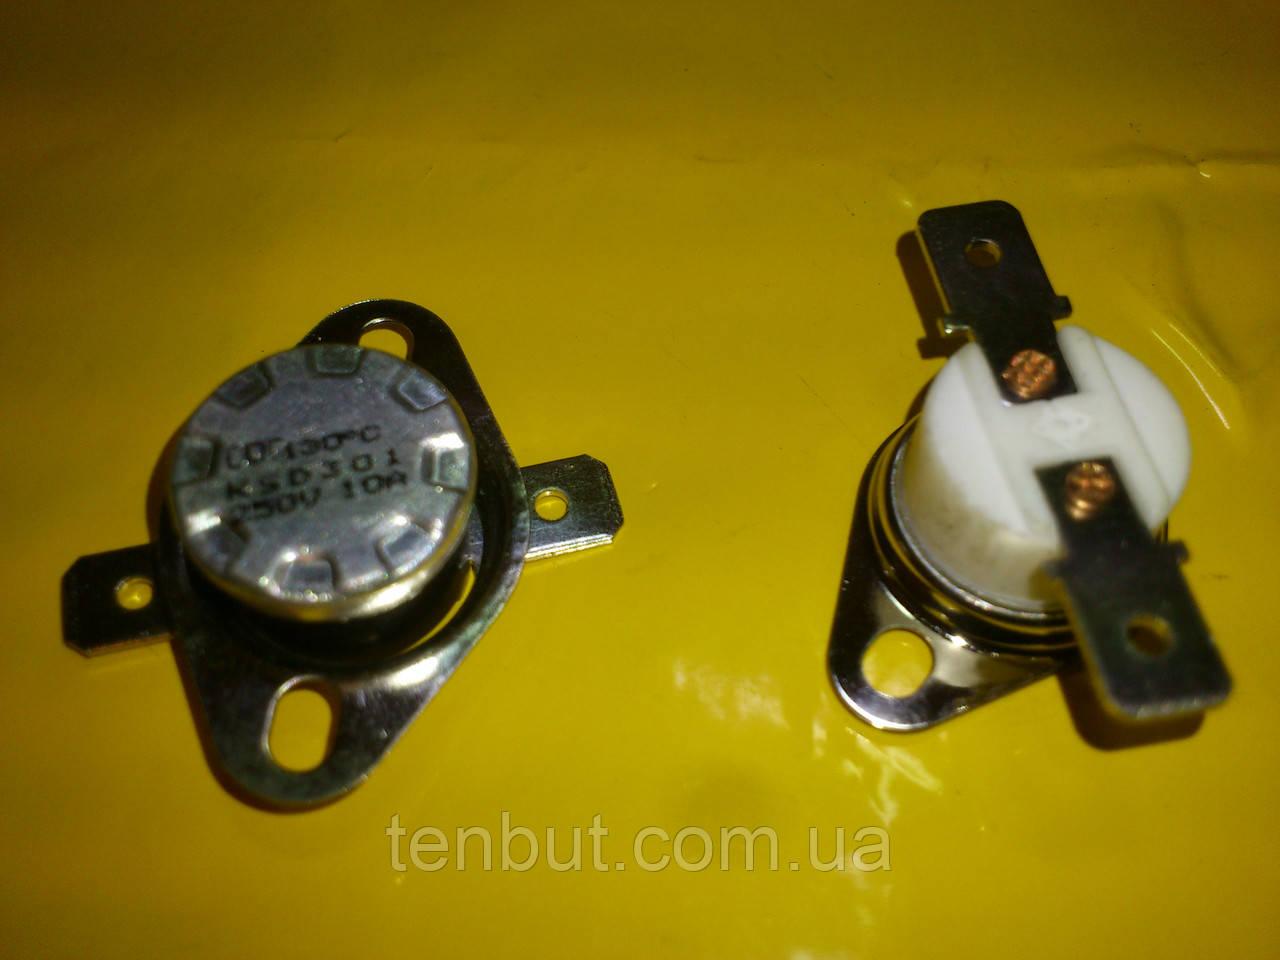 Реостат авто включения-выключения KSD 301 / 130℃ / 250 в. / 10 А / 17 мм. диаметр . Нормально замкнут .